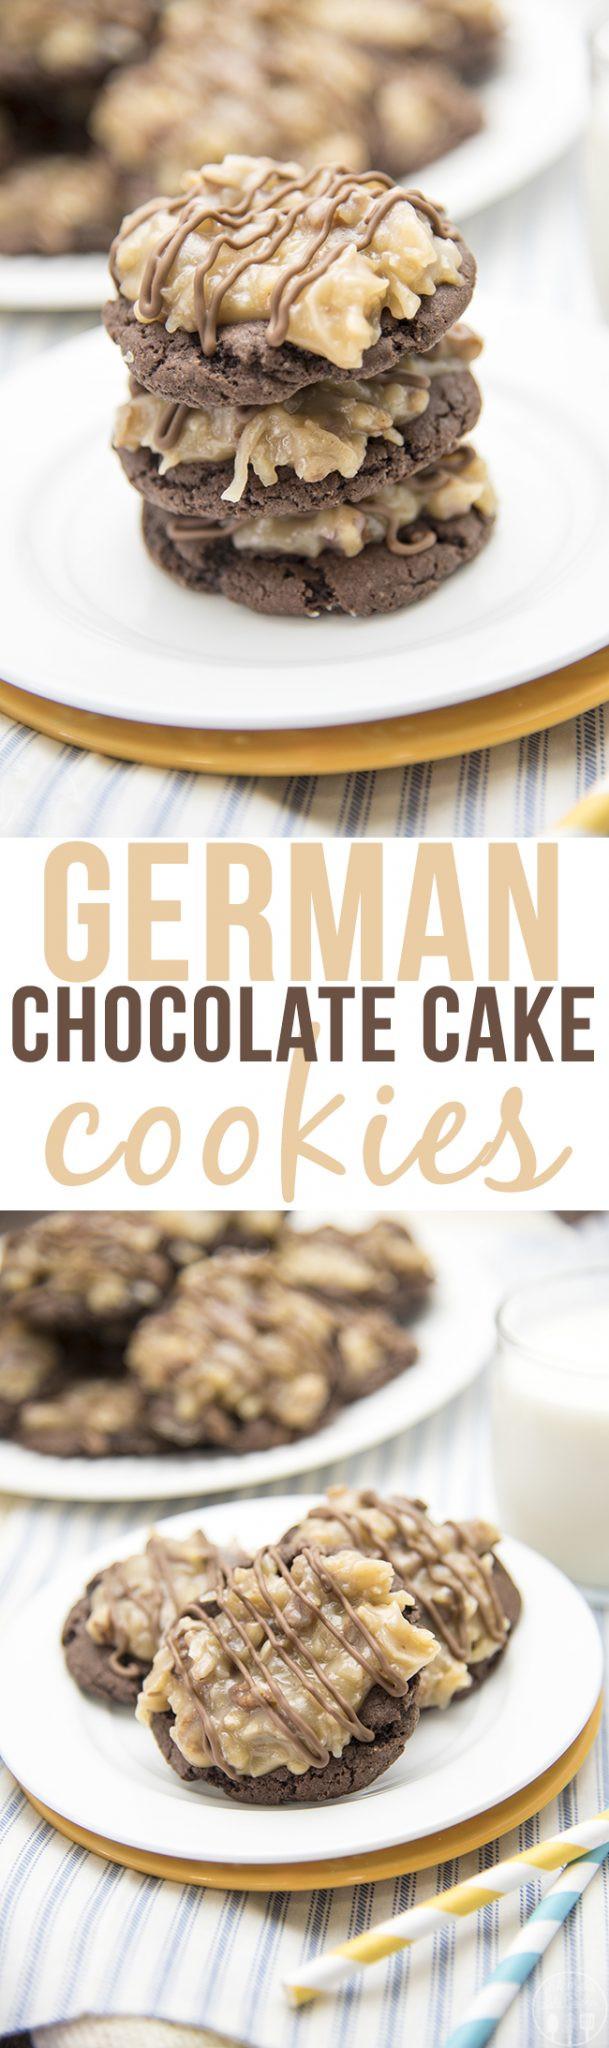 German Chocolate Cake Cookies  German Chocolate Cake Cookies Like Mother Like Daughter